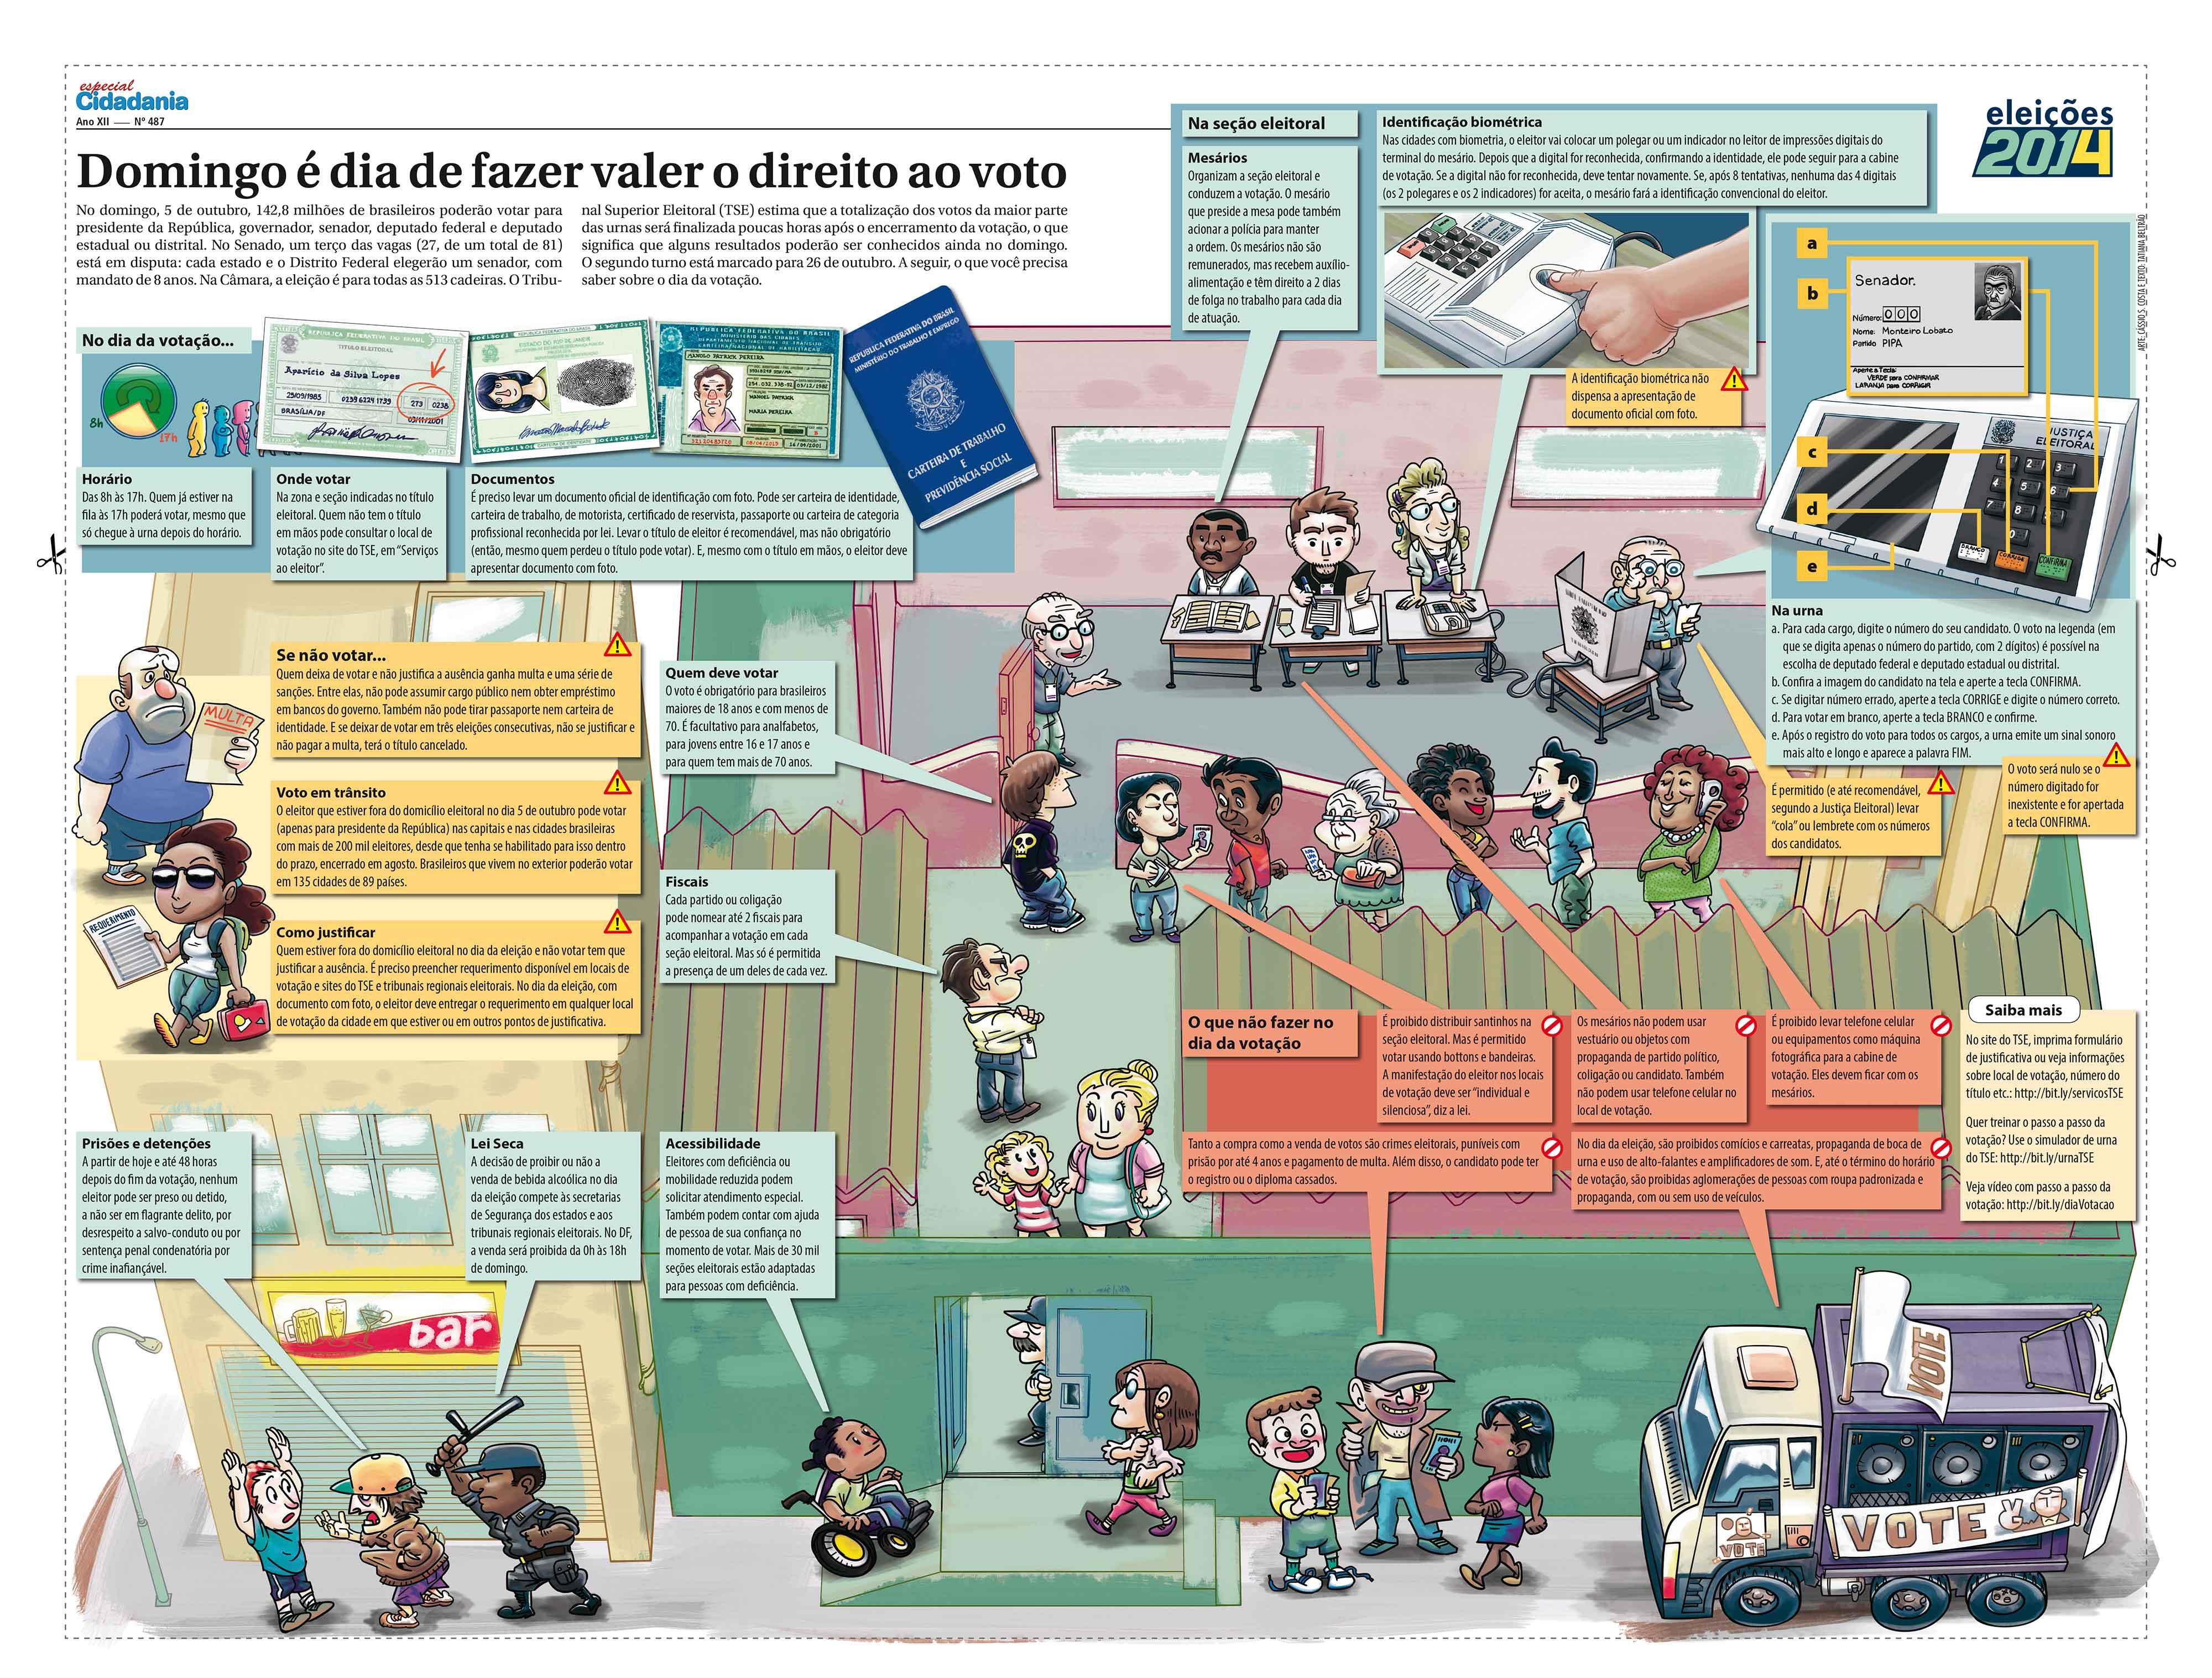 http://www12.senado.gov.br/noticias/materias/2014/09/29/info_eleicao.jpg